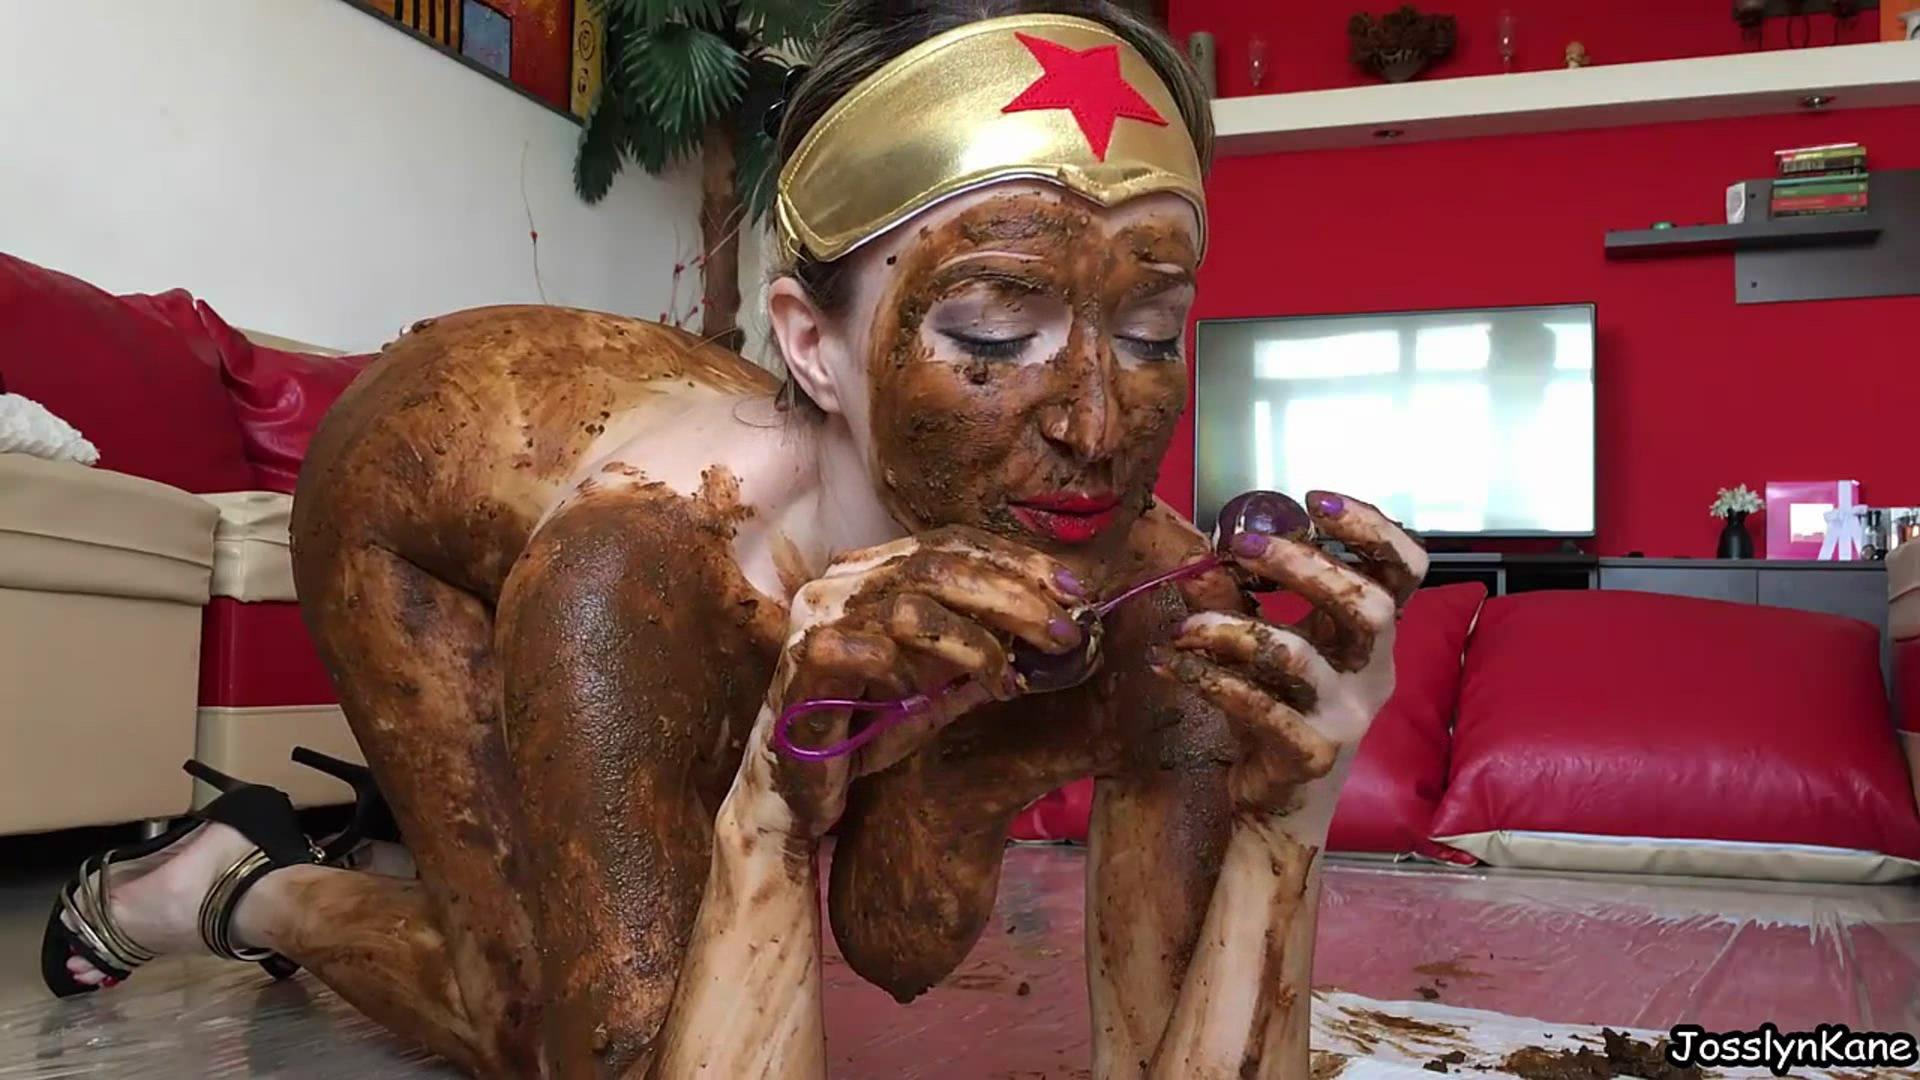 WonderWoman is a DirtyWoman starring in video JosslynKane